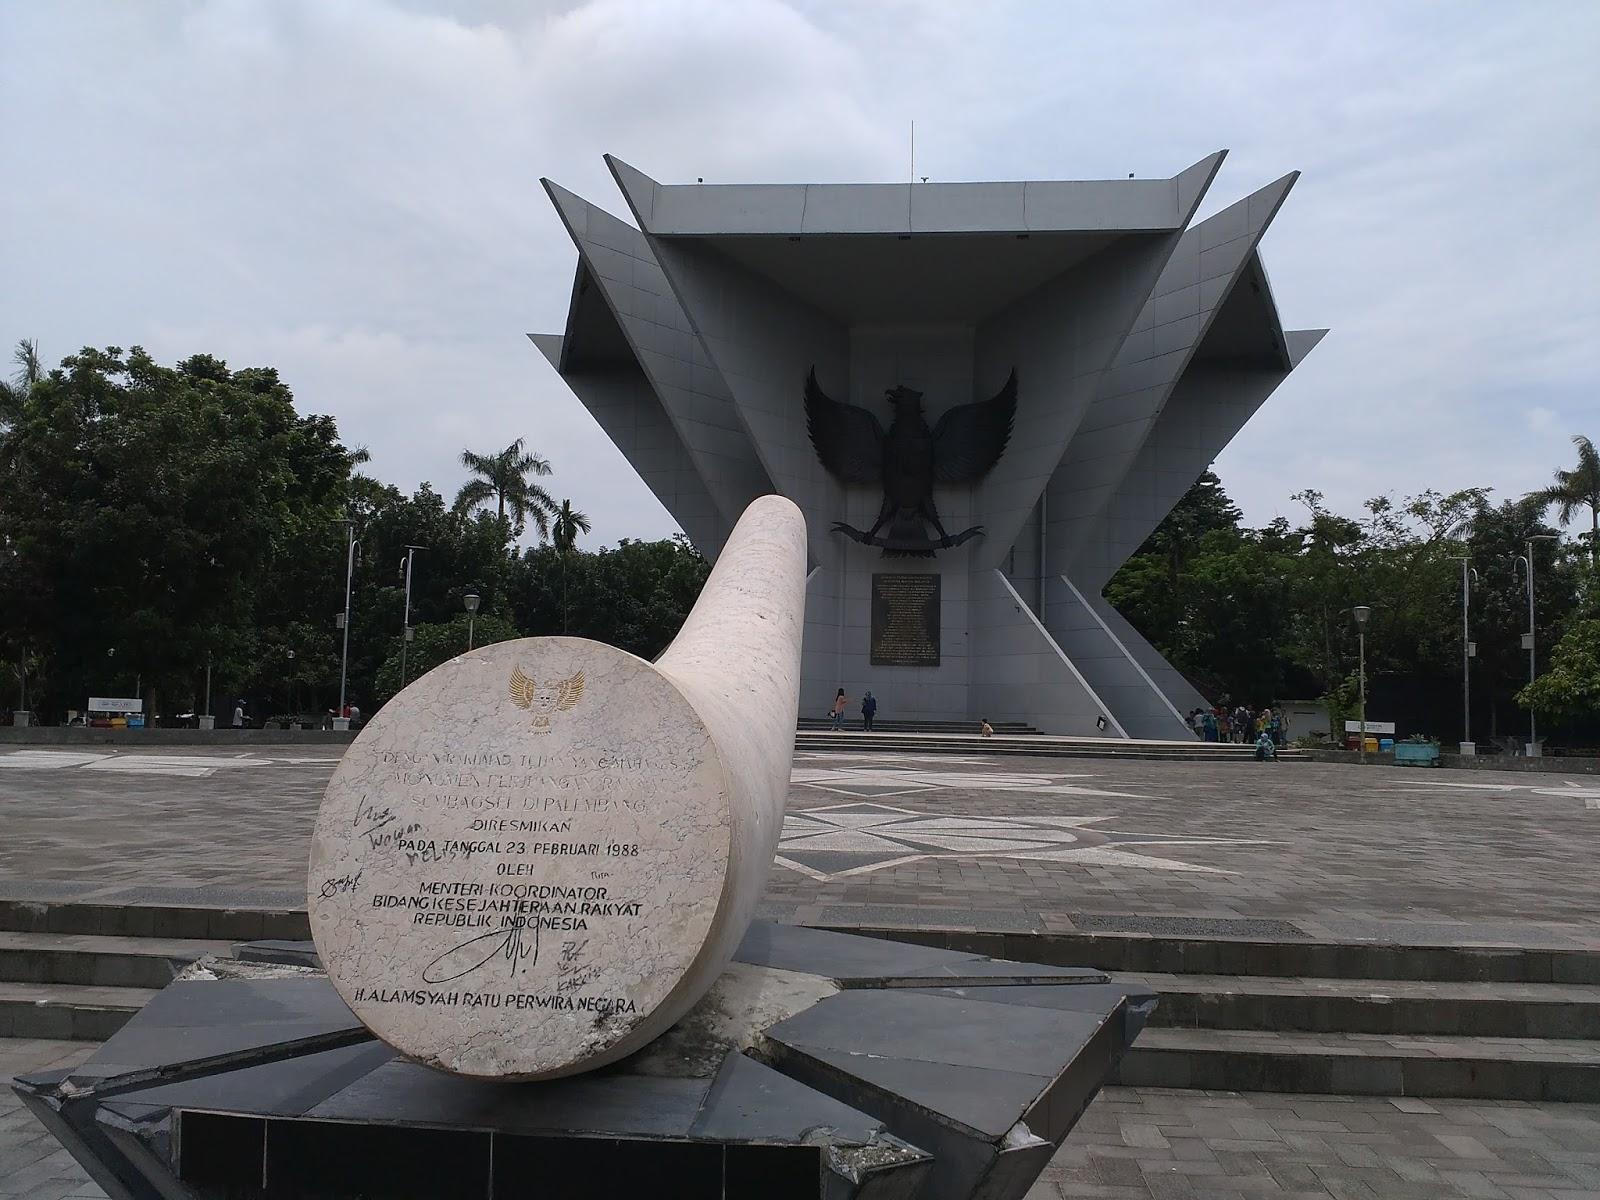 7 Wisata Palembang Kental Sejarah Cheria Holiday Monpera Monumen Perjuangan